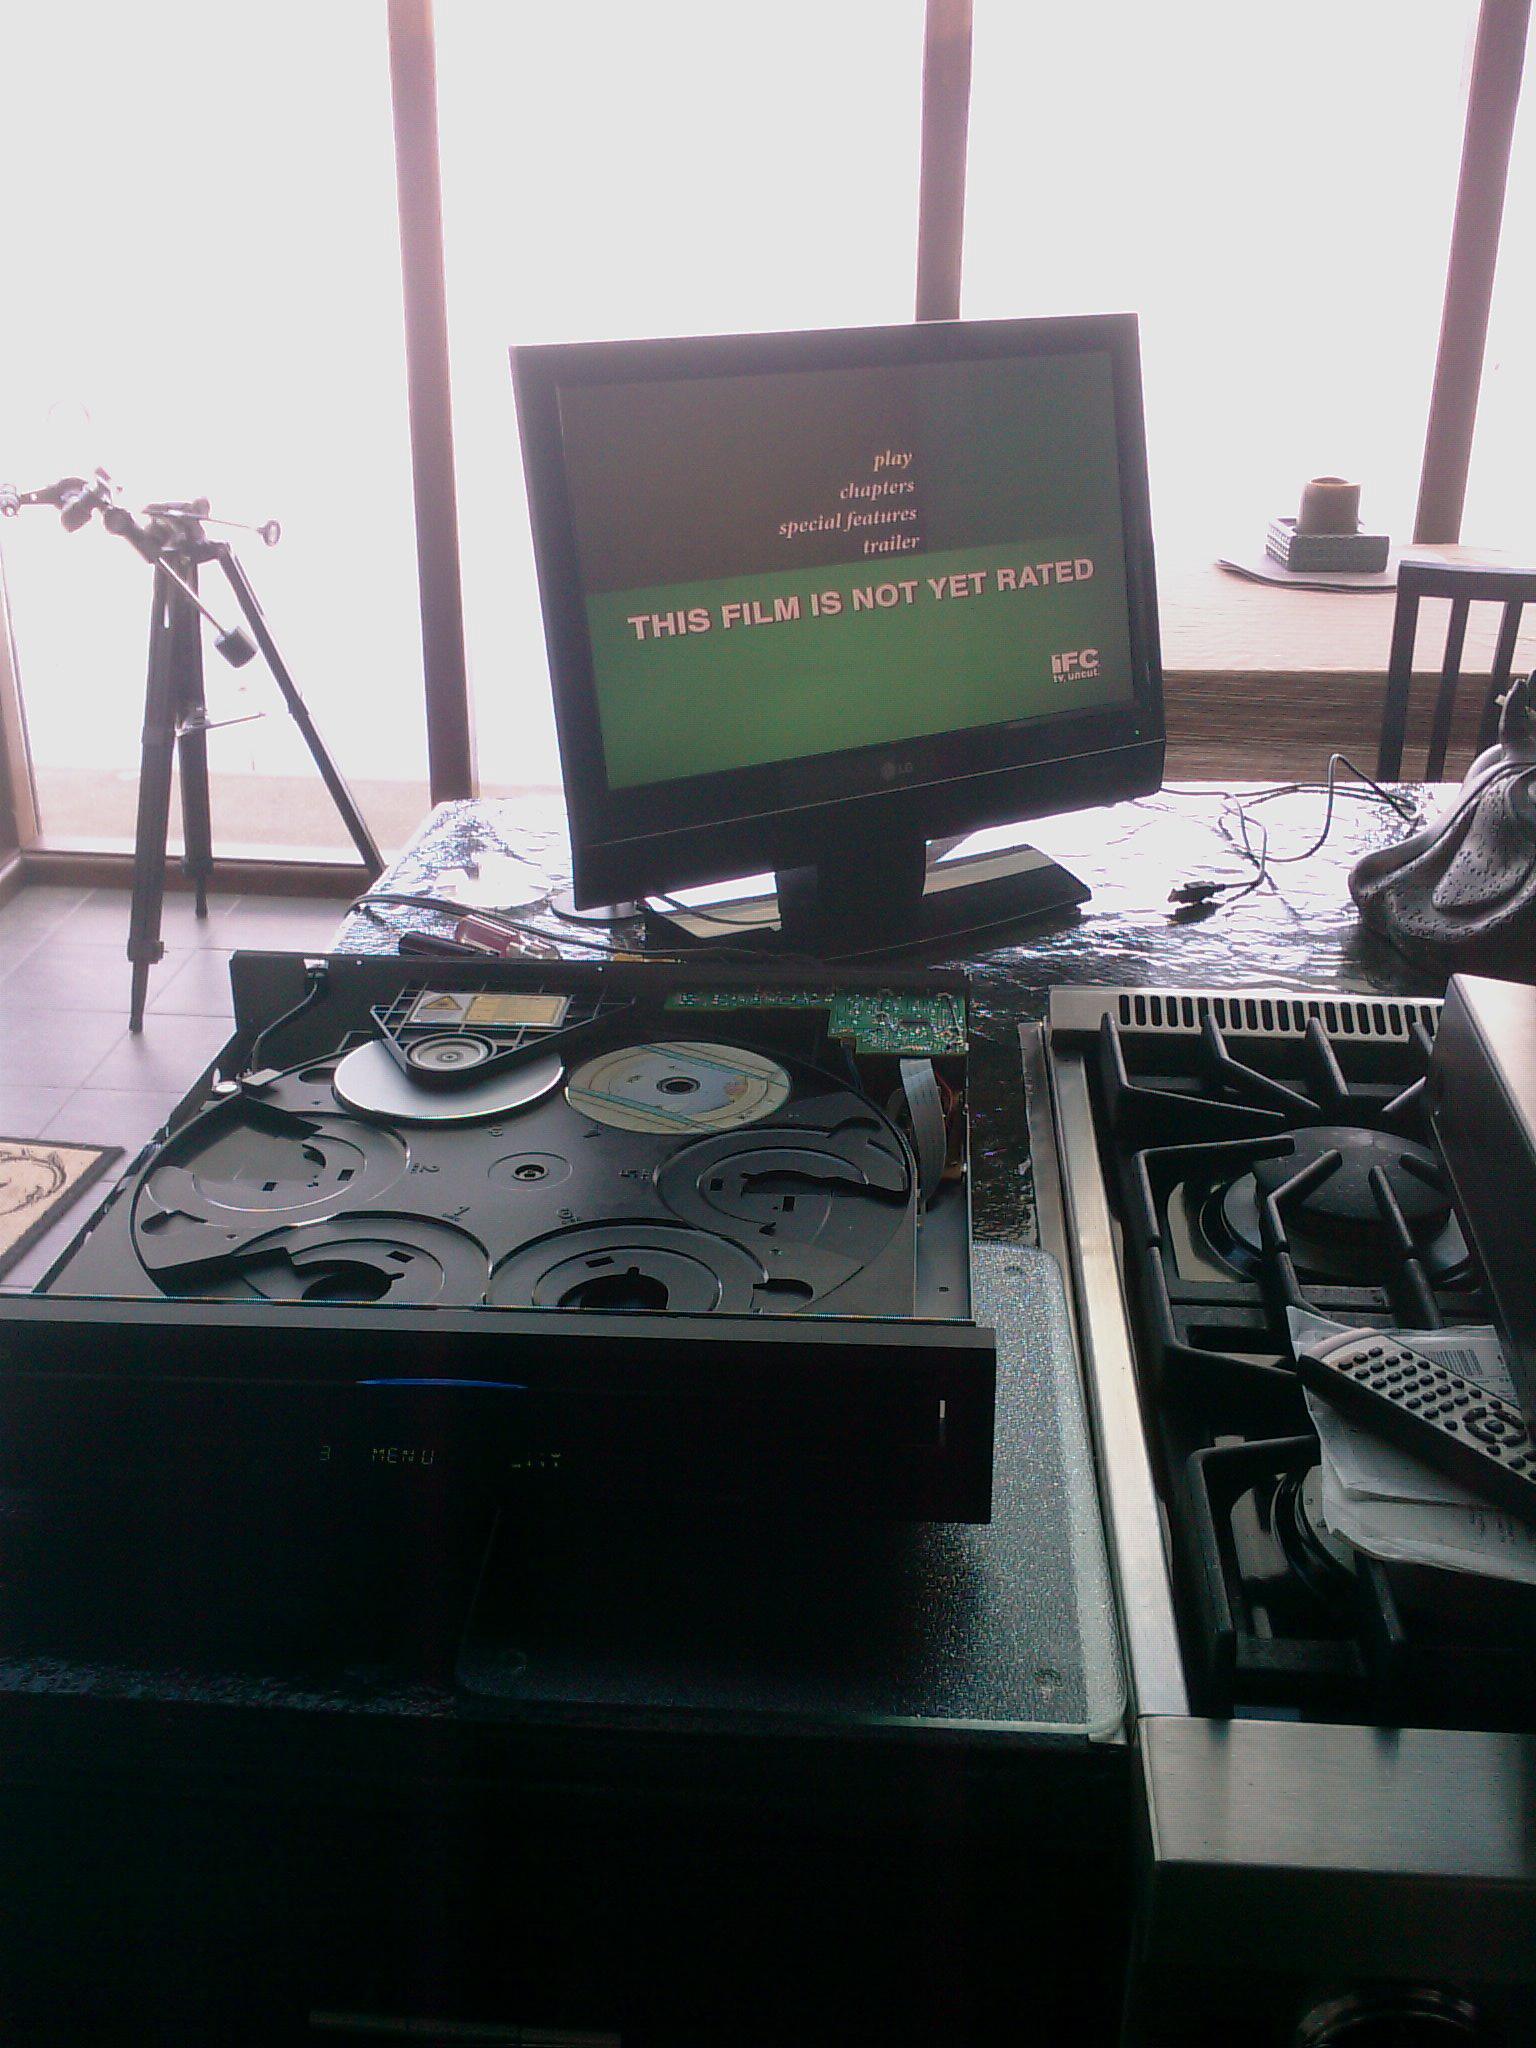 Onkyo DV-CP702 6 DVD Changer